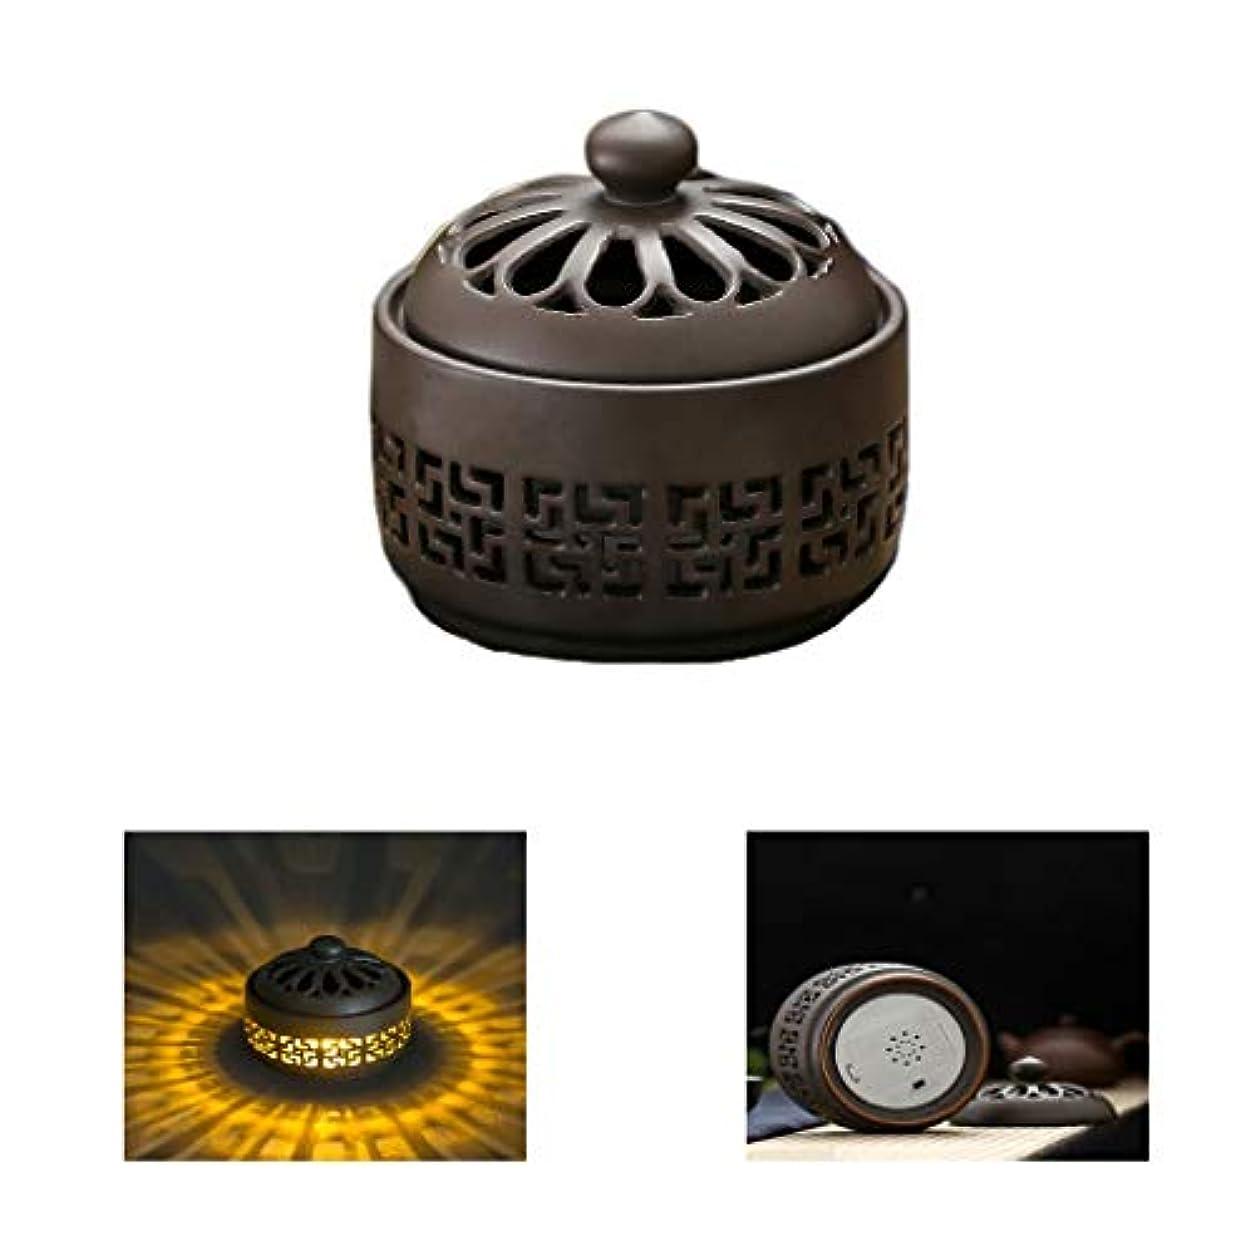 かわすゆるい有効なホームアロマバーナー LED暖かい光香バーナーレトロノスタルジックなセラミック香炉高温アロマセラピー炉 アロマバーナー (Color : Earth tones)